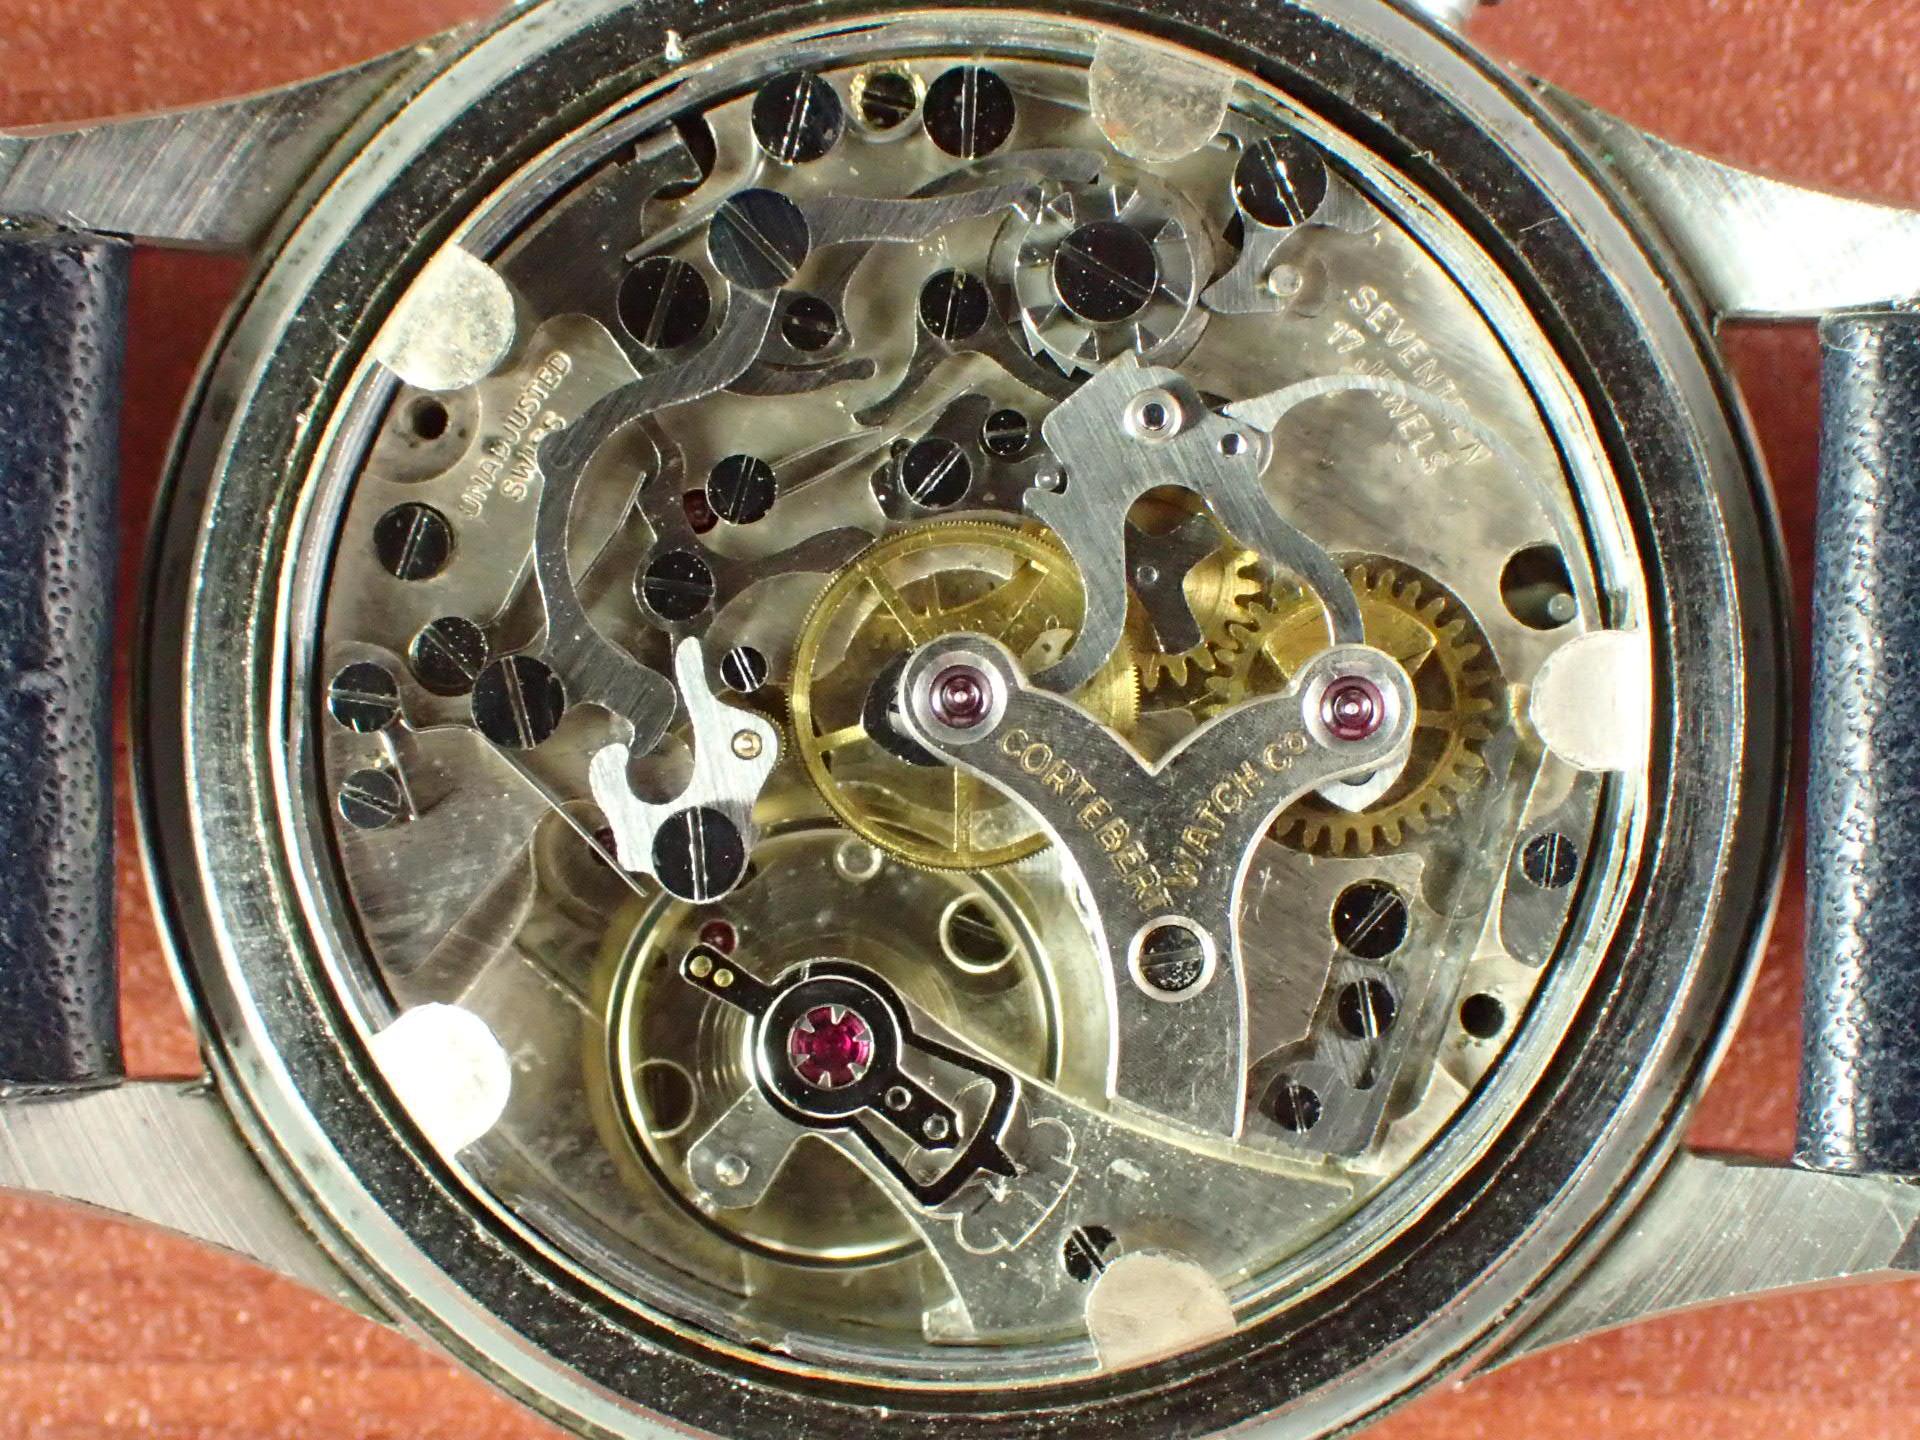 コルトベルト クロノグラフ Cal.Venus170 コパーダイアル 1940年代の写真5枚目